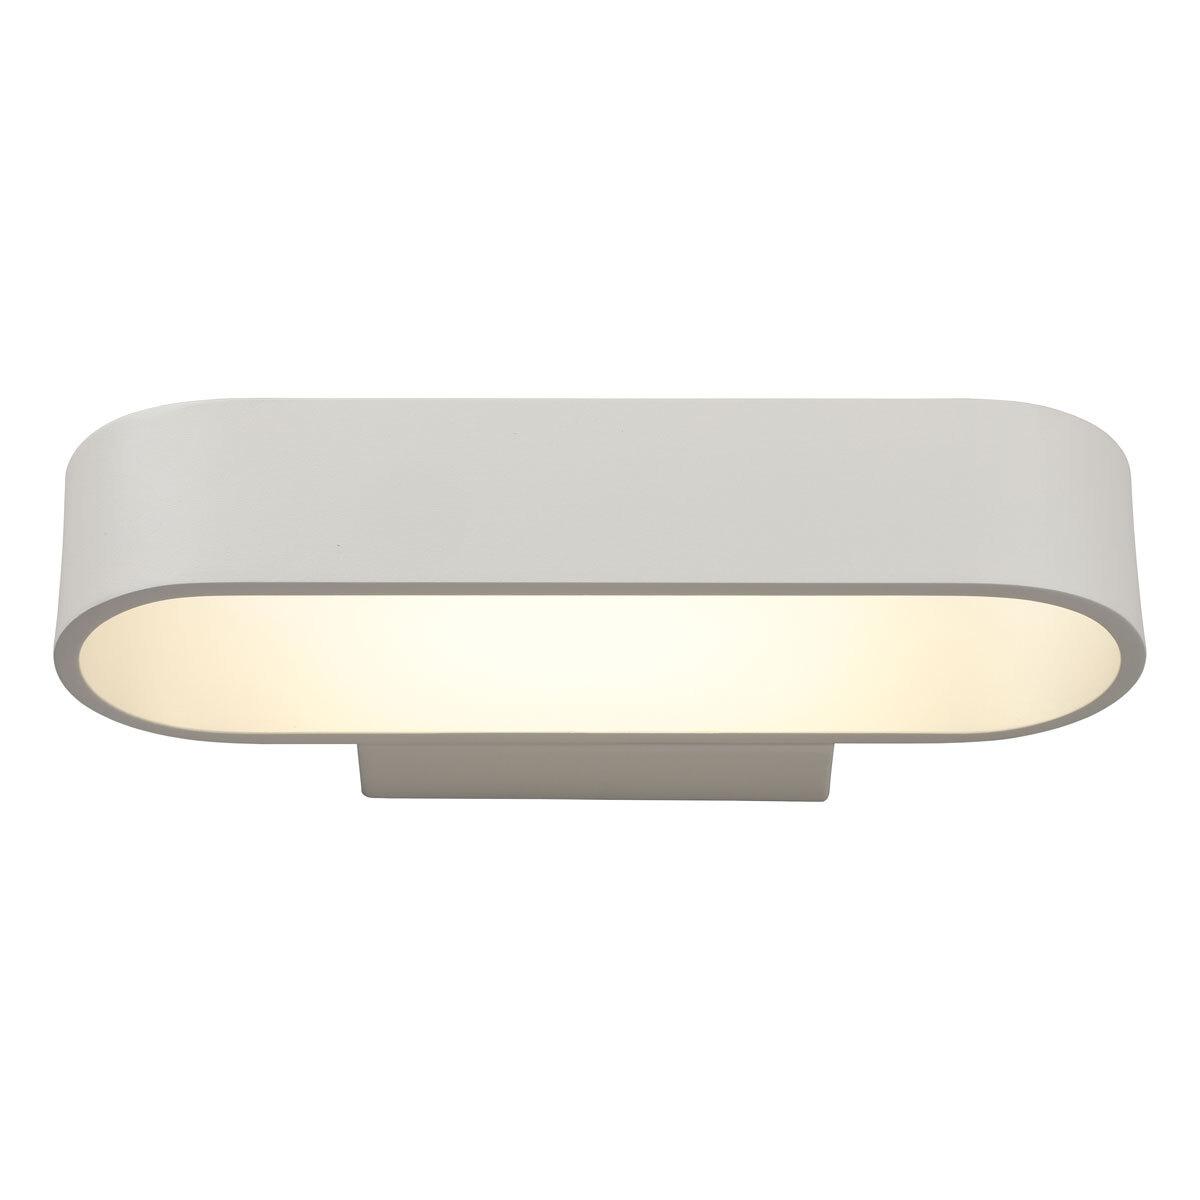 Бра Omnilux Cassiano OML-21001-06, LED, 6 Вт